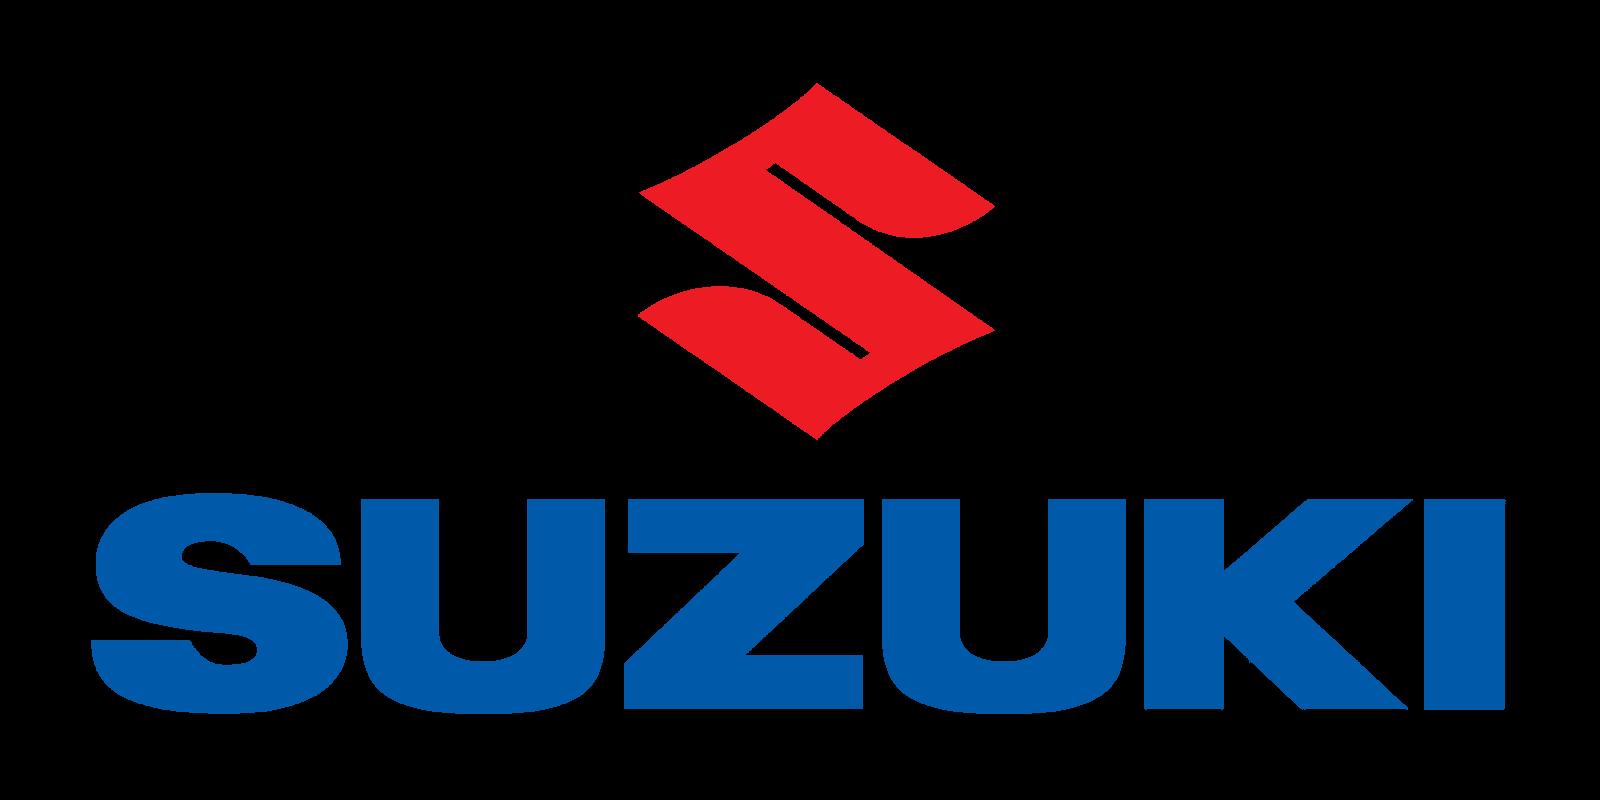 SUZUKI VIET NAM